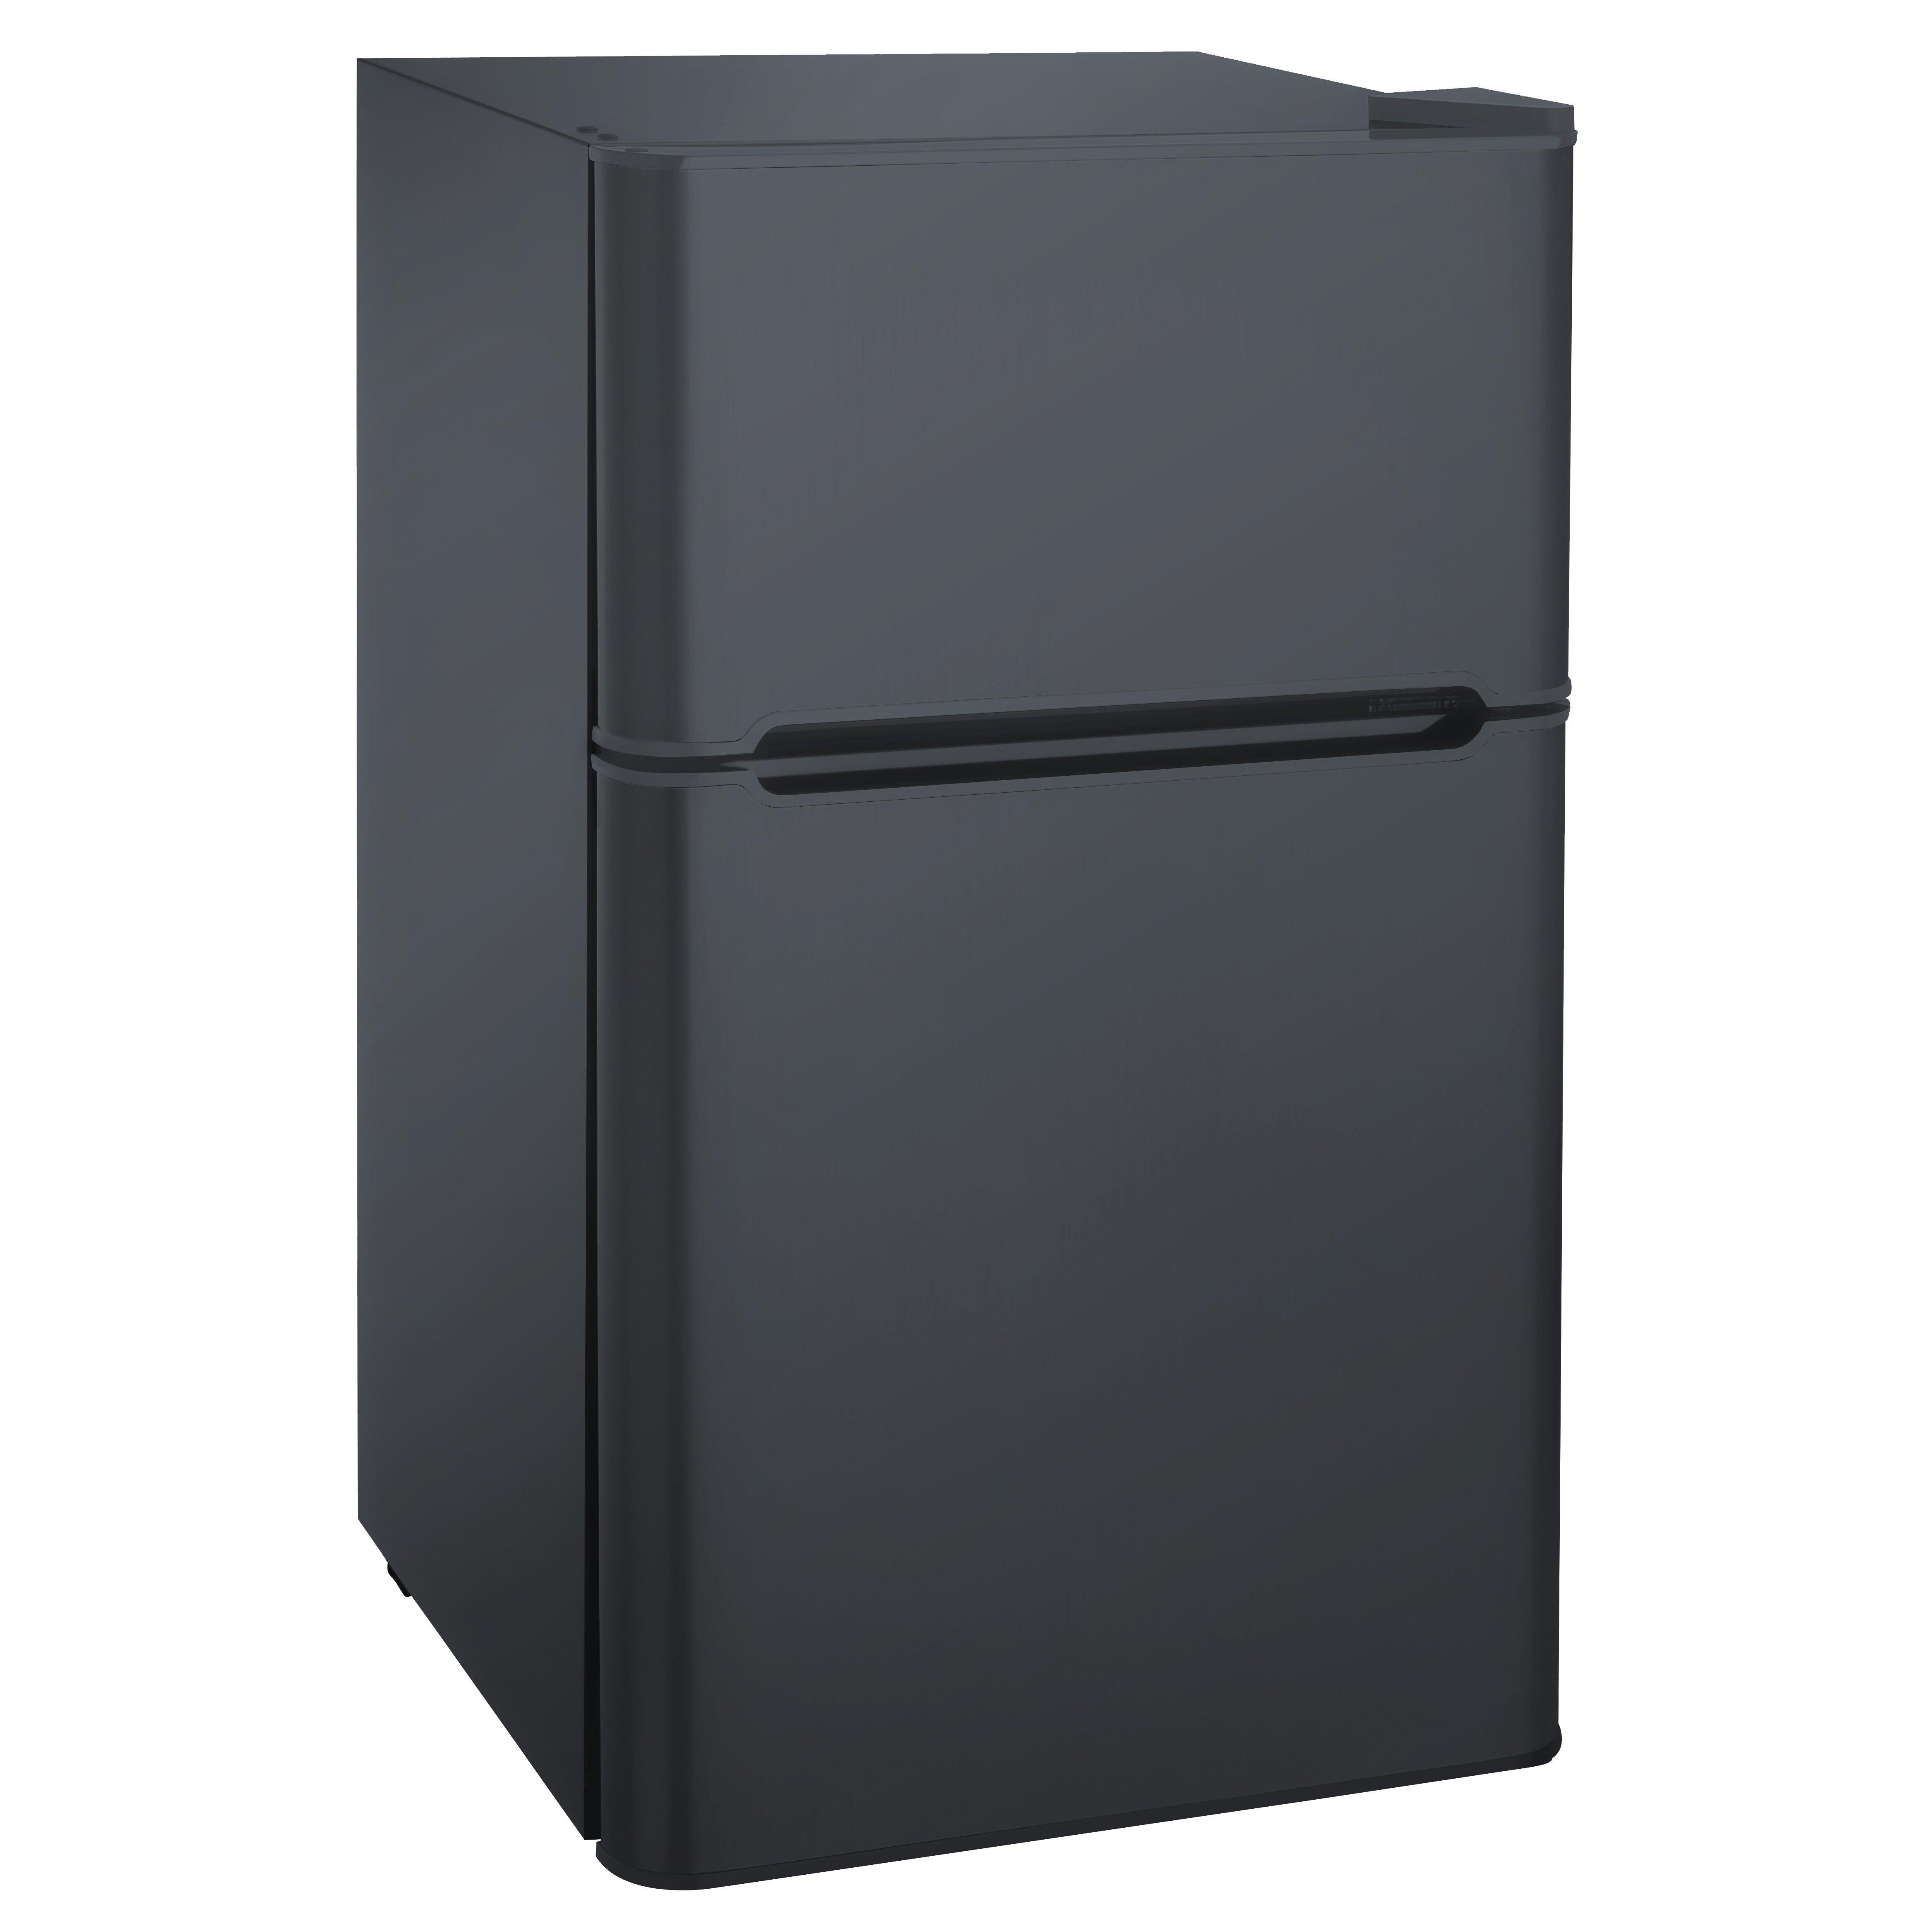 Igloo 3.2 cu. ft. Compact Refrigerator with Freezer & Reviews   Wayfair